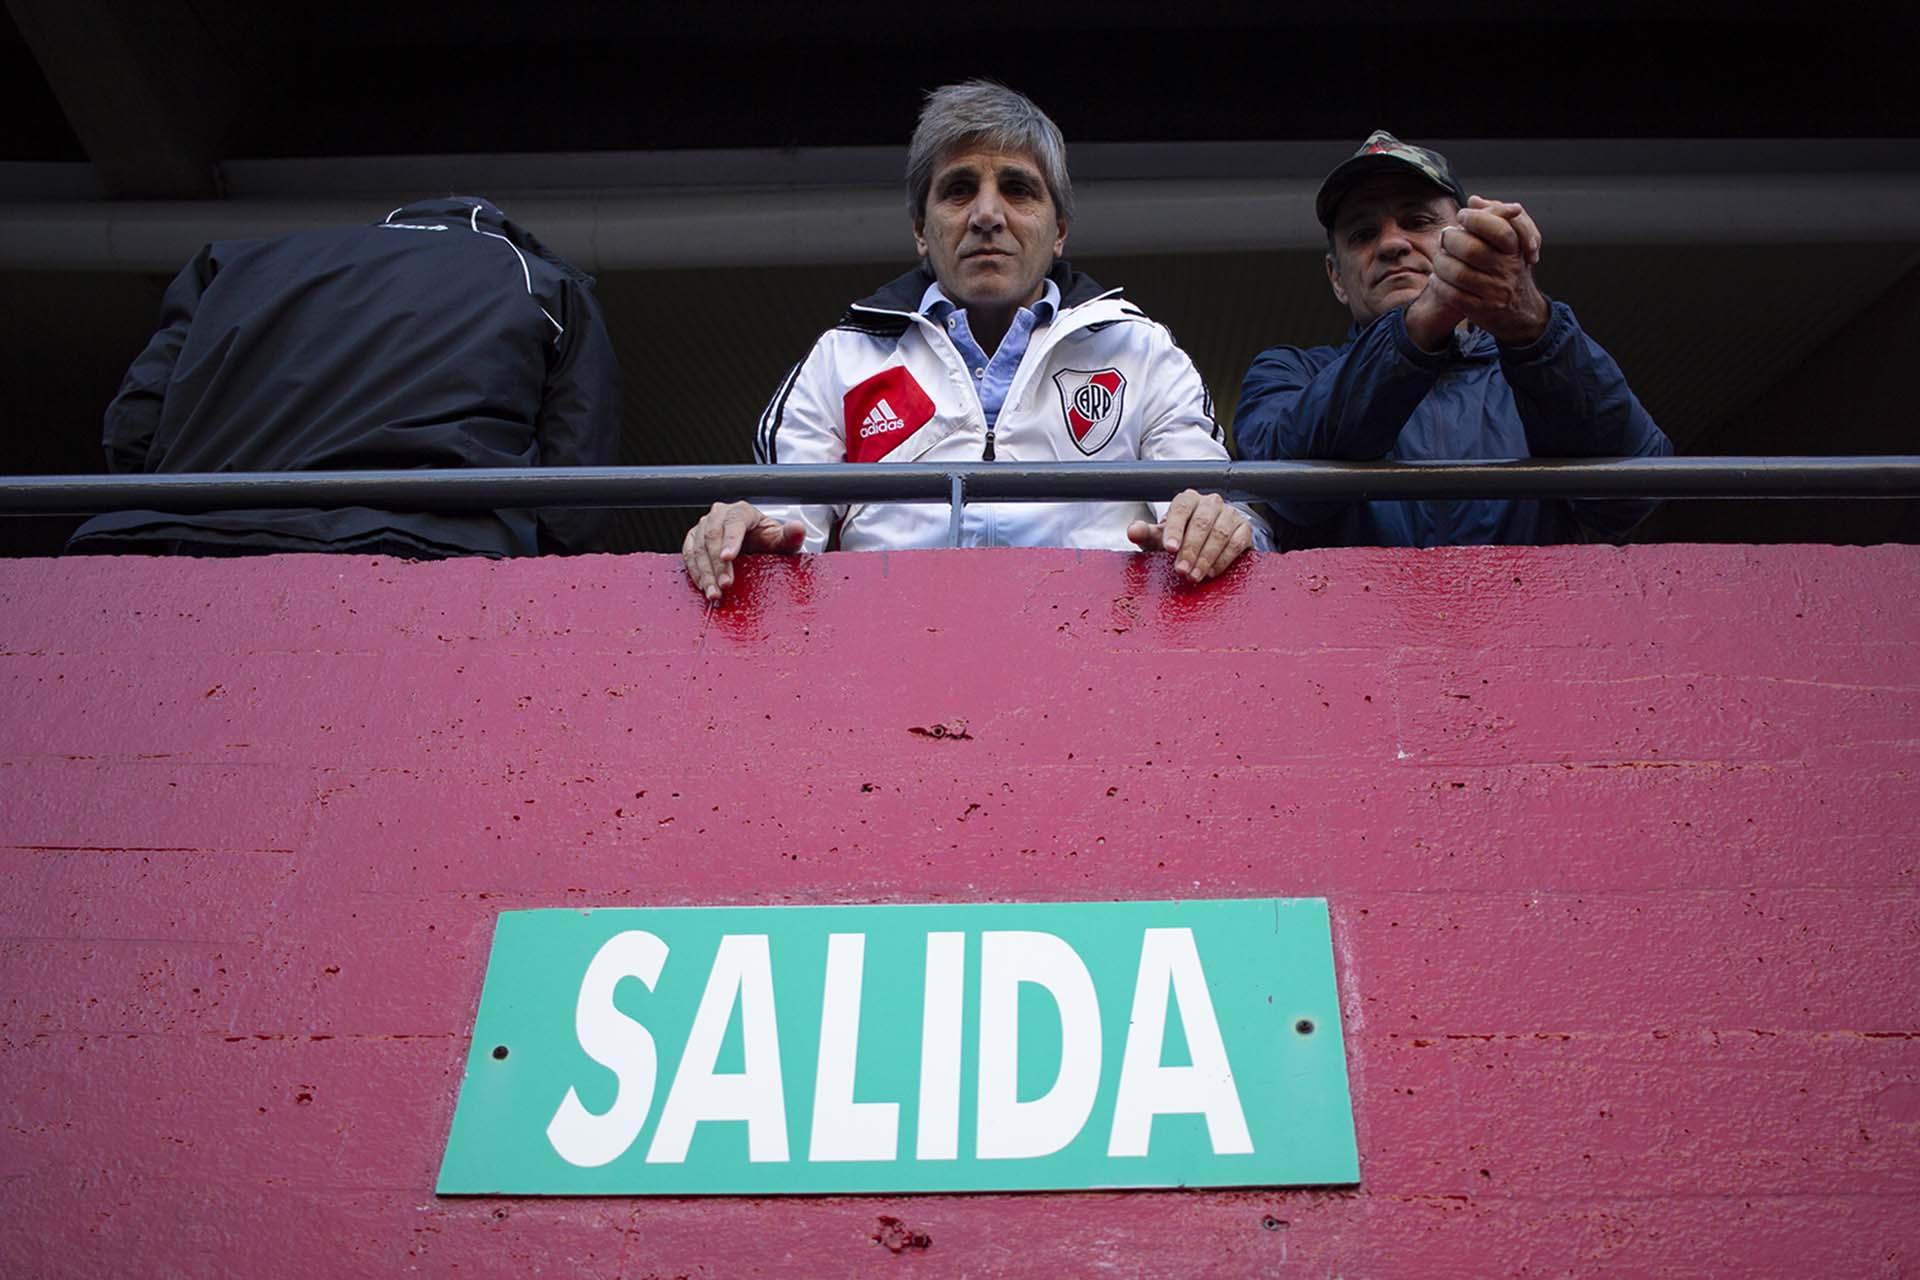 El presidente del Banco Central Luis Caputo en el Estadio Monumental (Matías Baglietto)